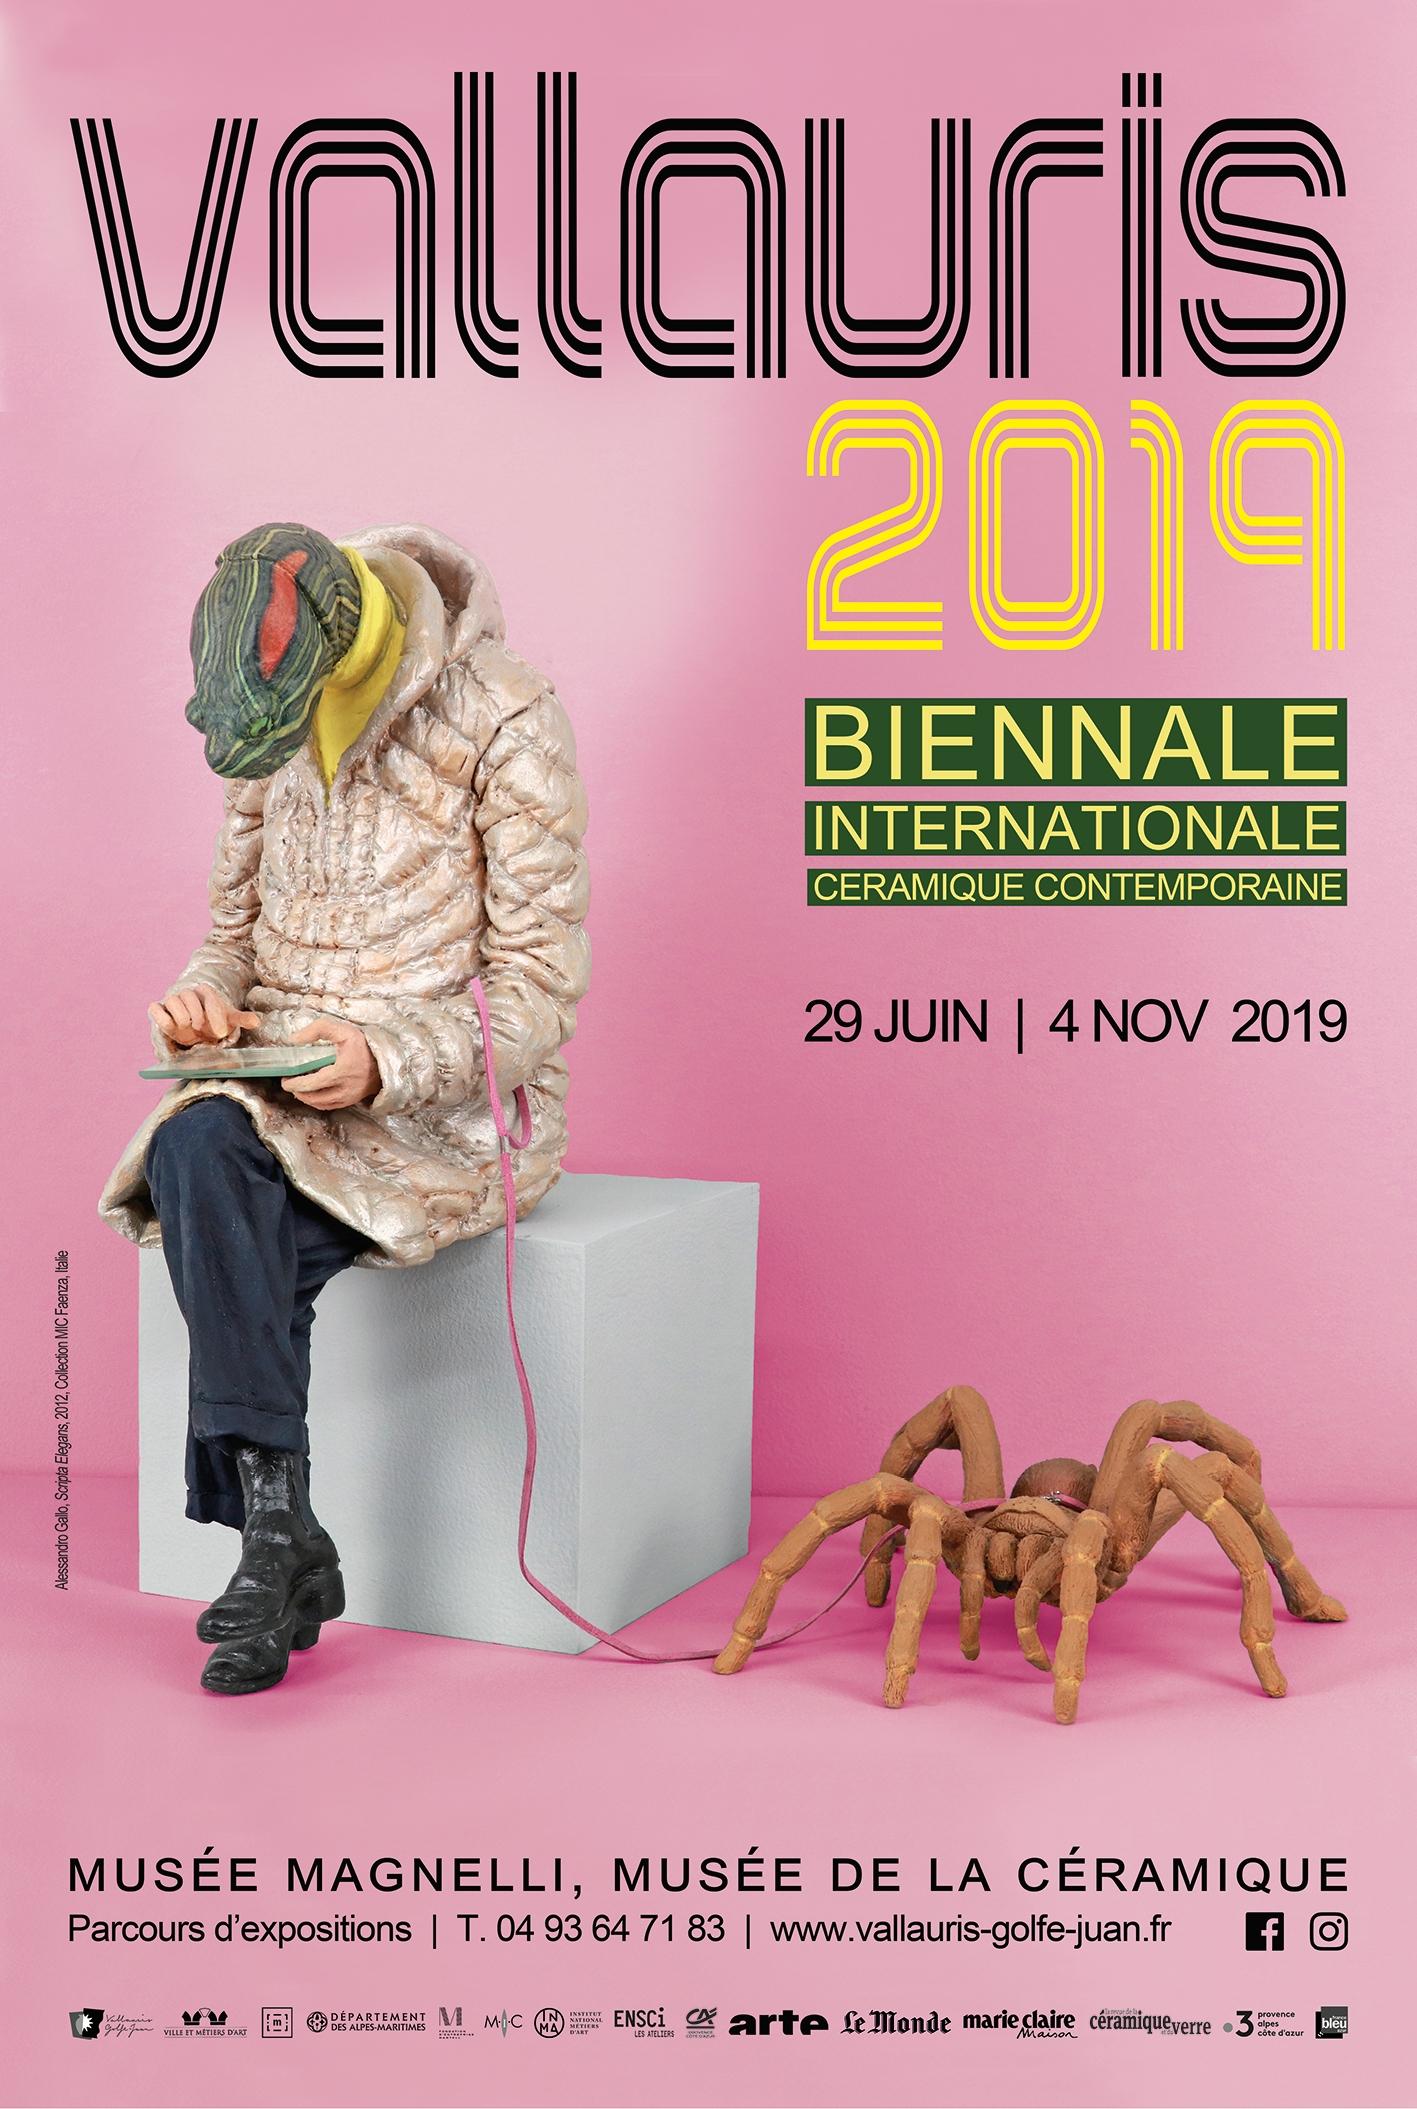 VALLAURIS 2019 / Biennale Internationale de céramique contemporaine